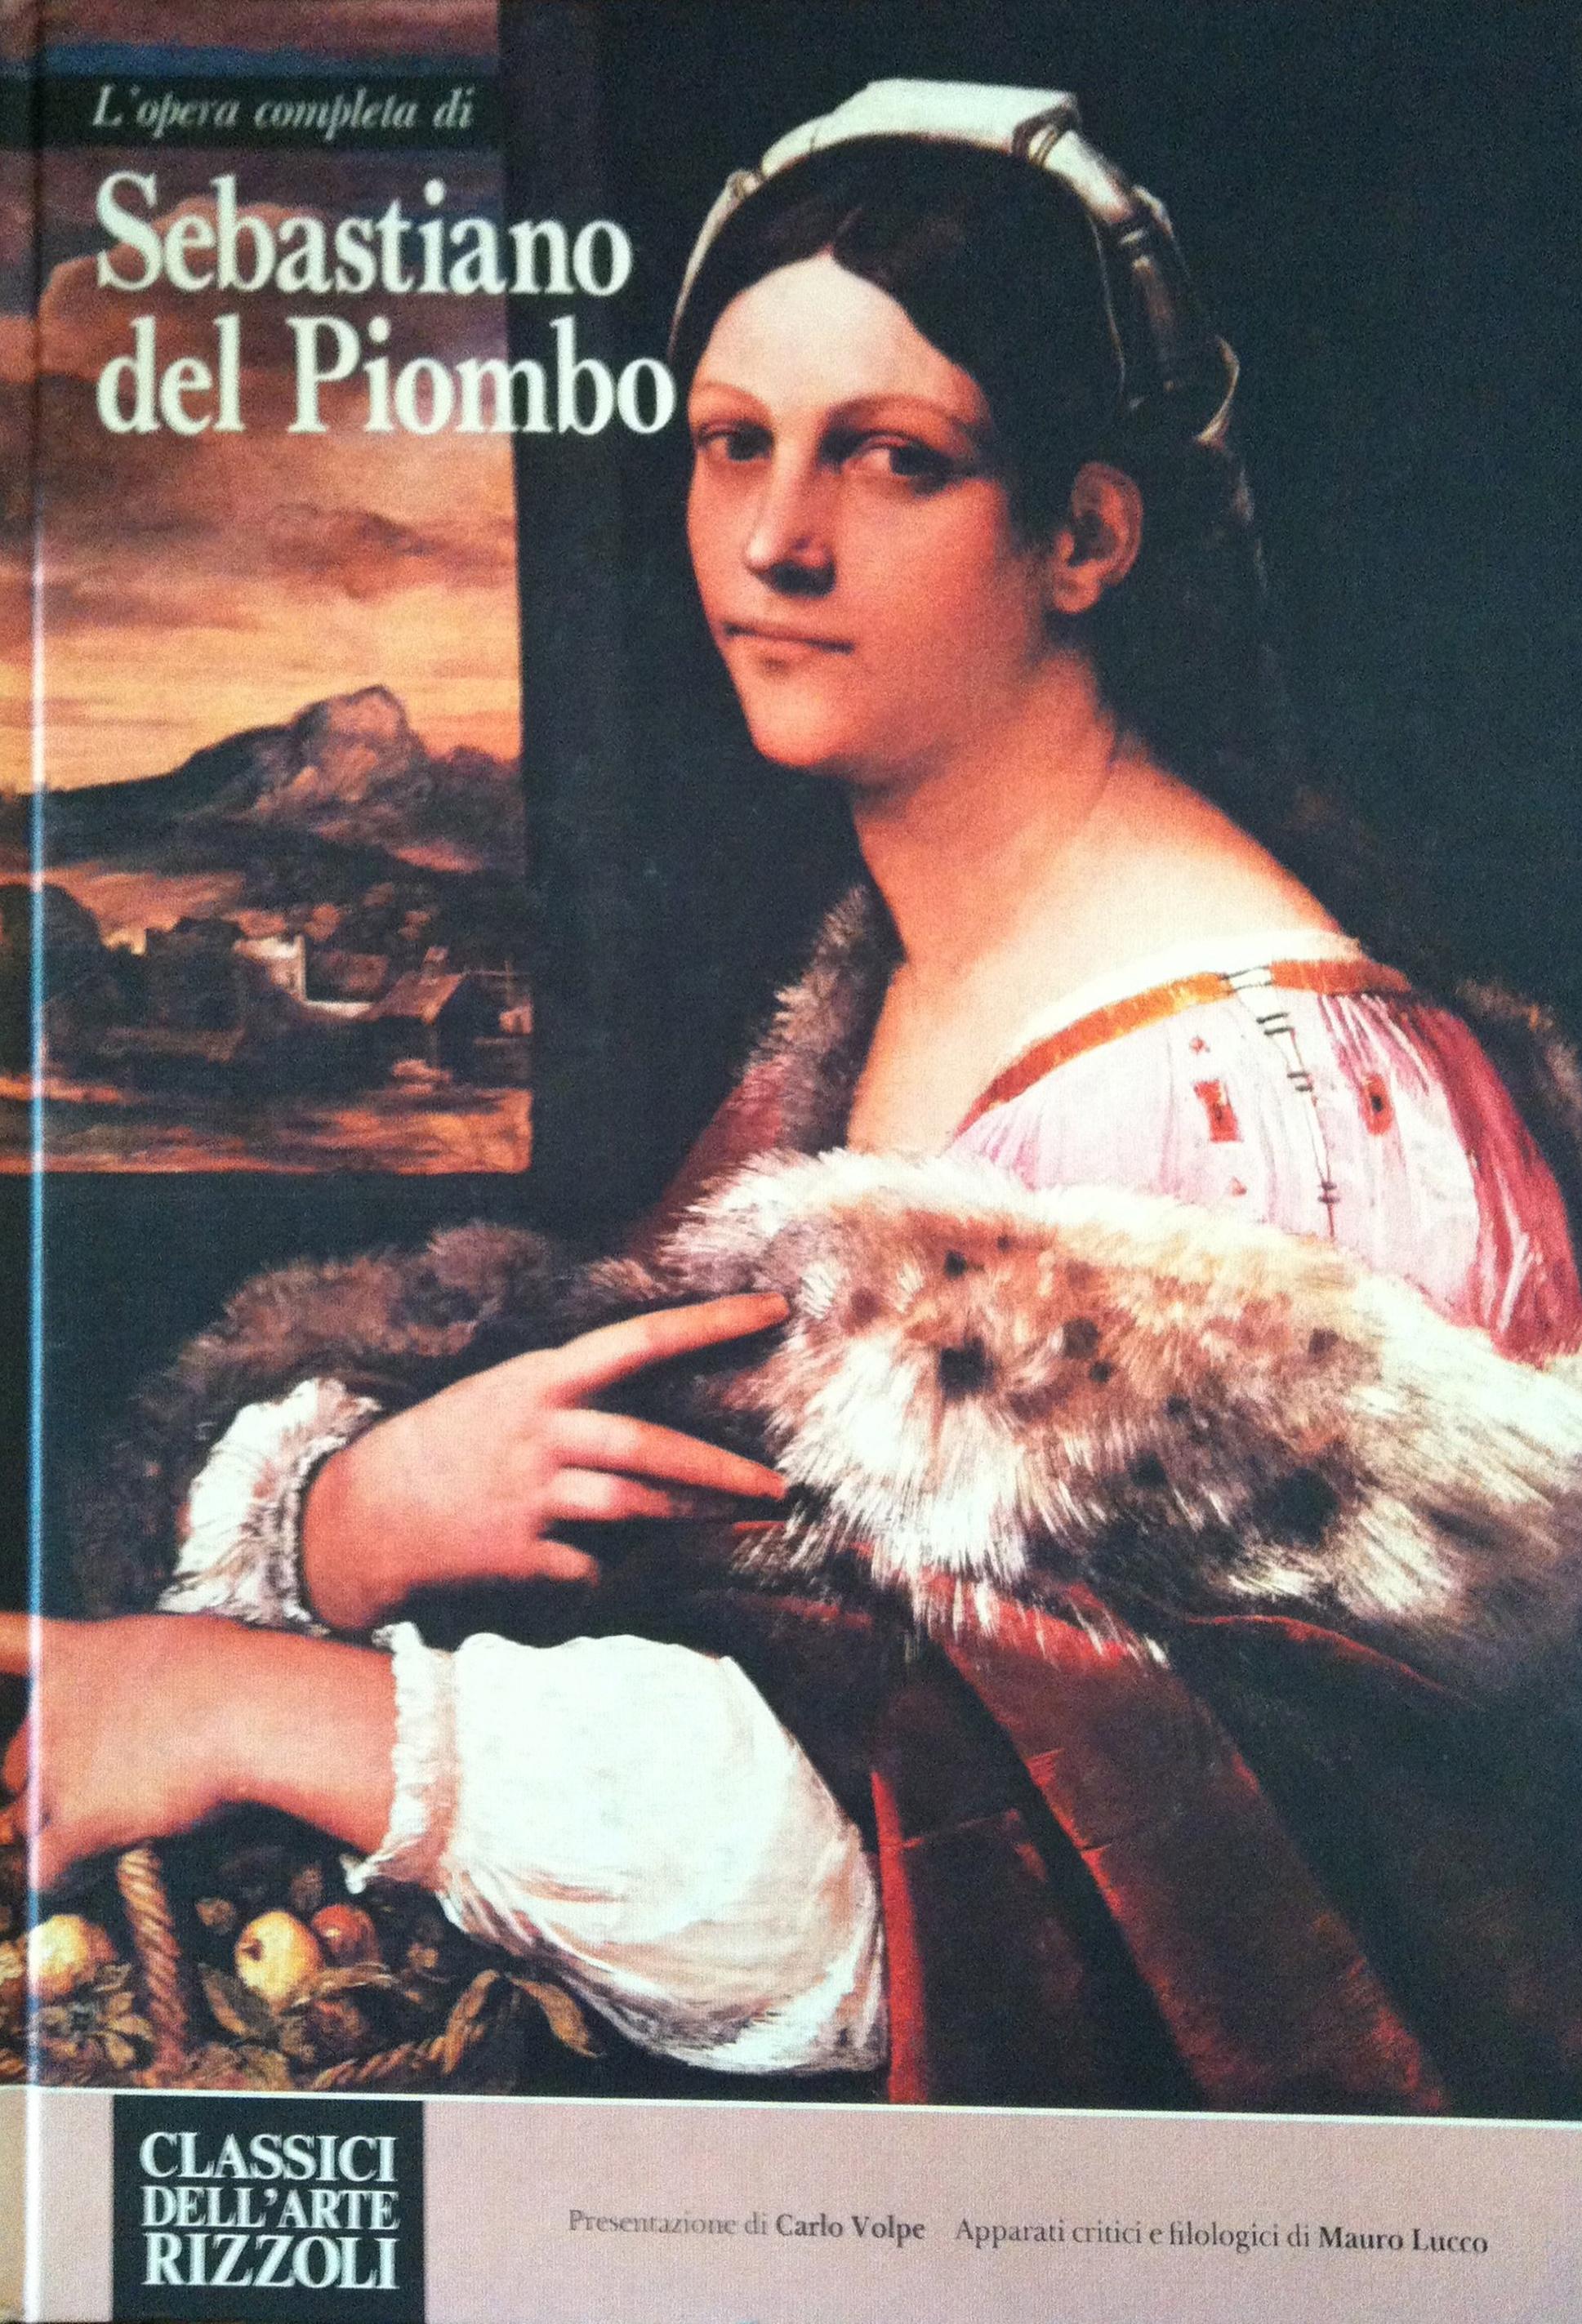 L'opera completa di Sebastiano del Piombo